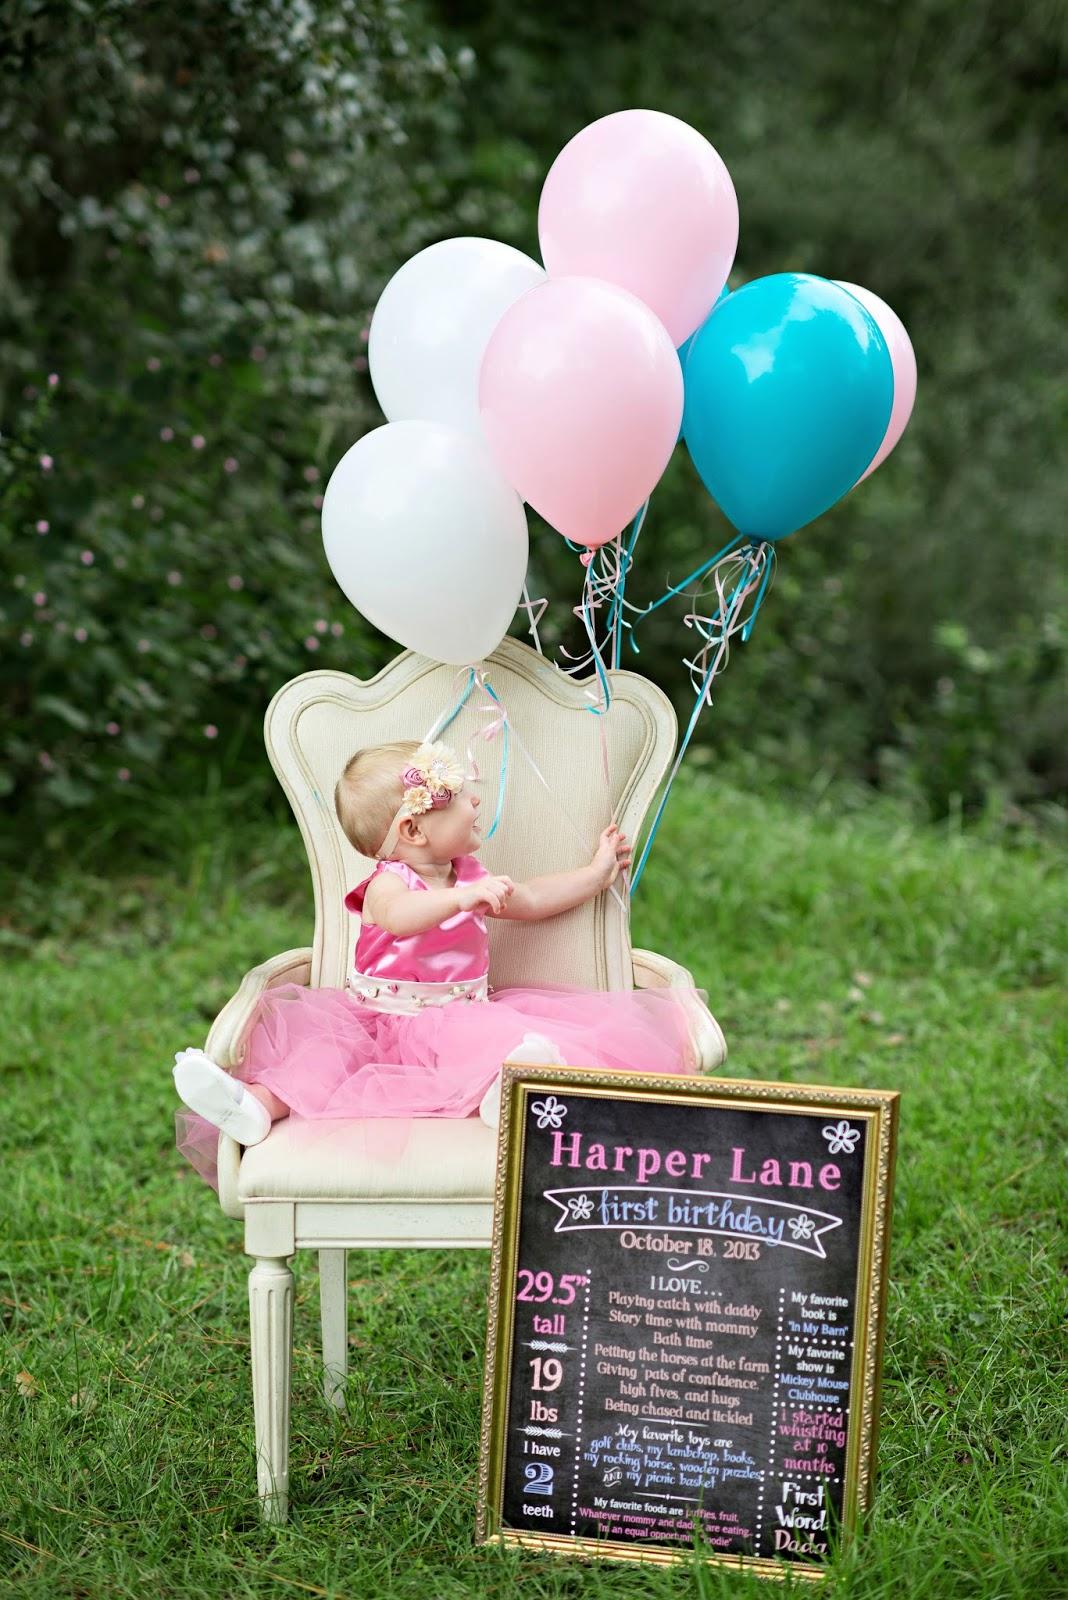 Harper Lanes First Birthday Photoshoot